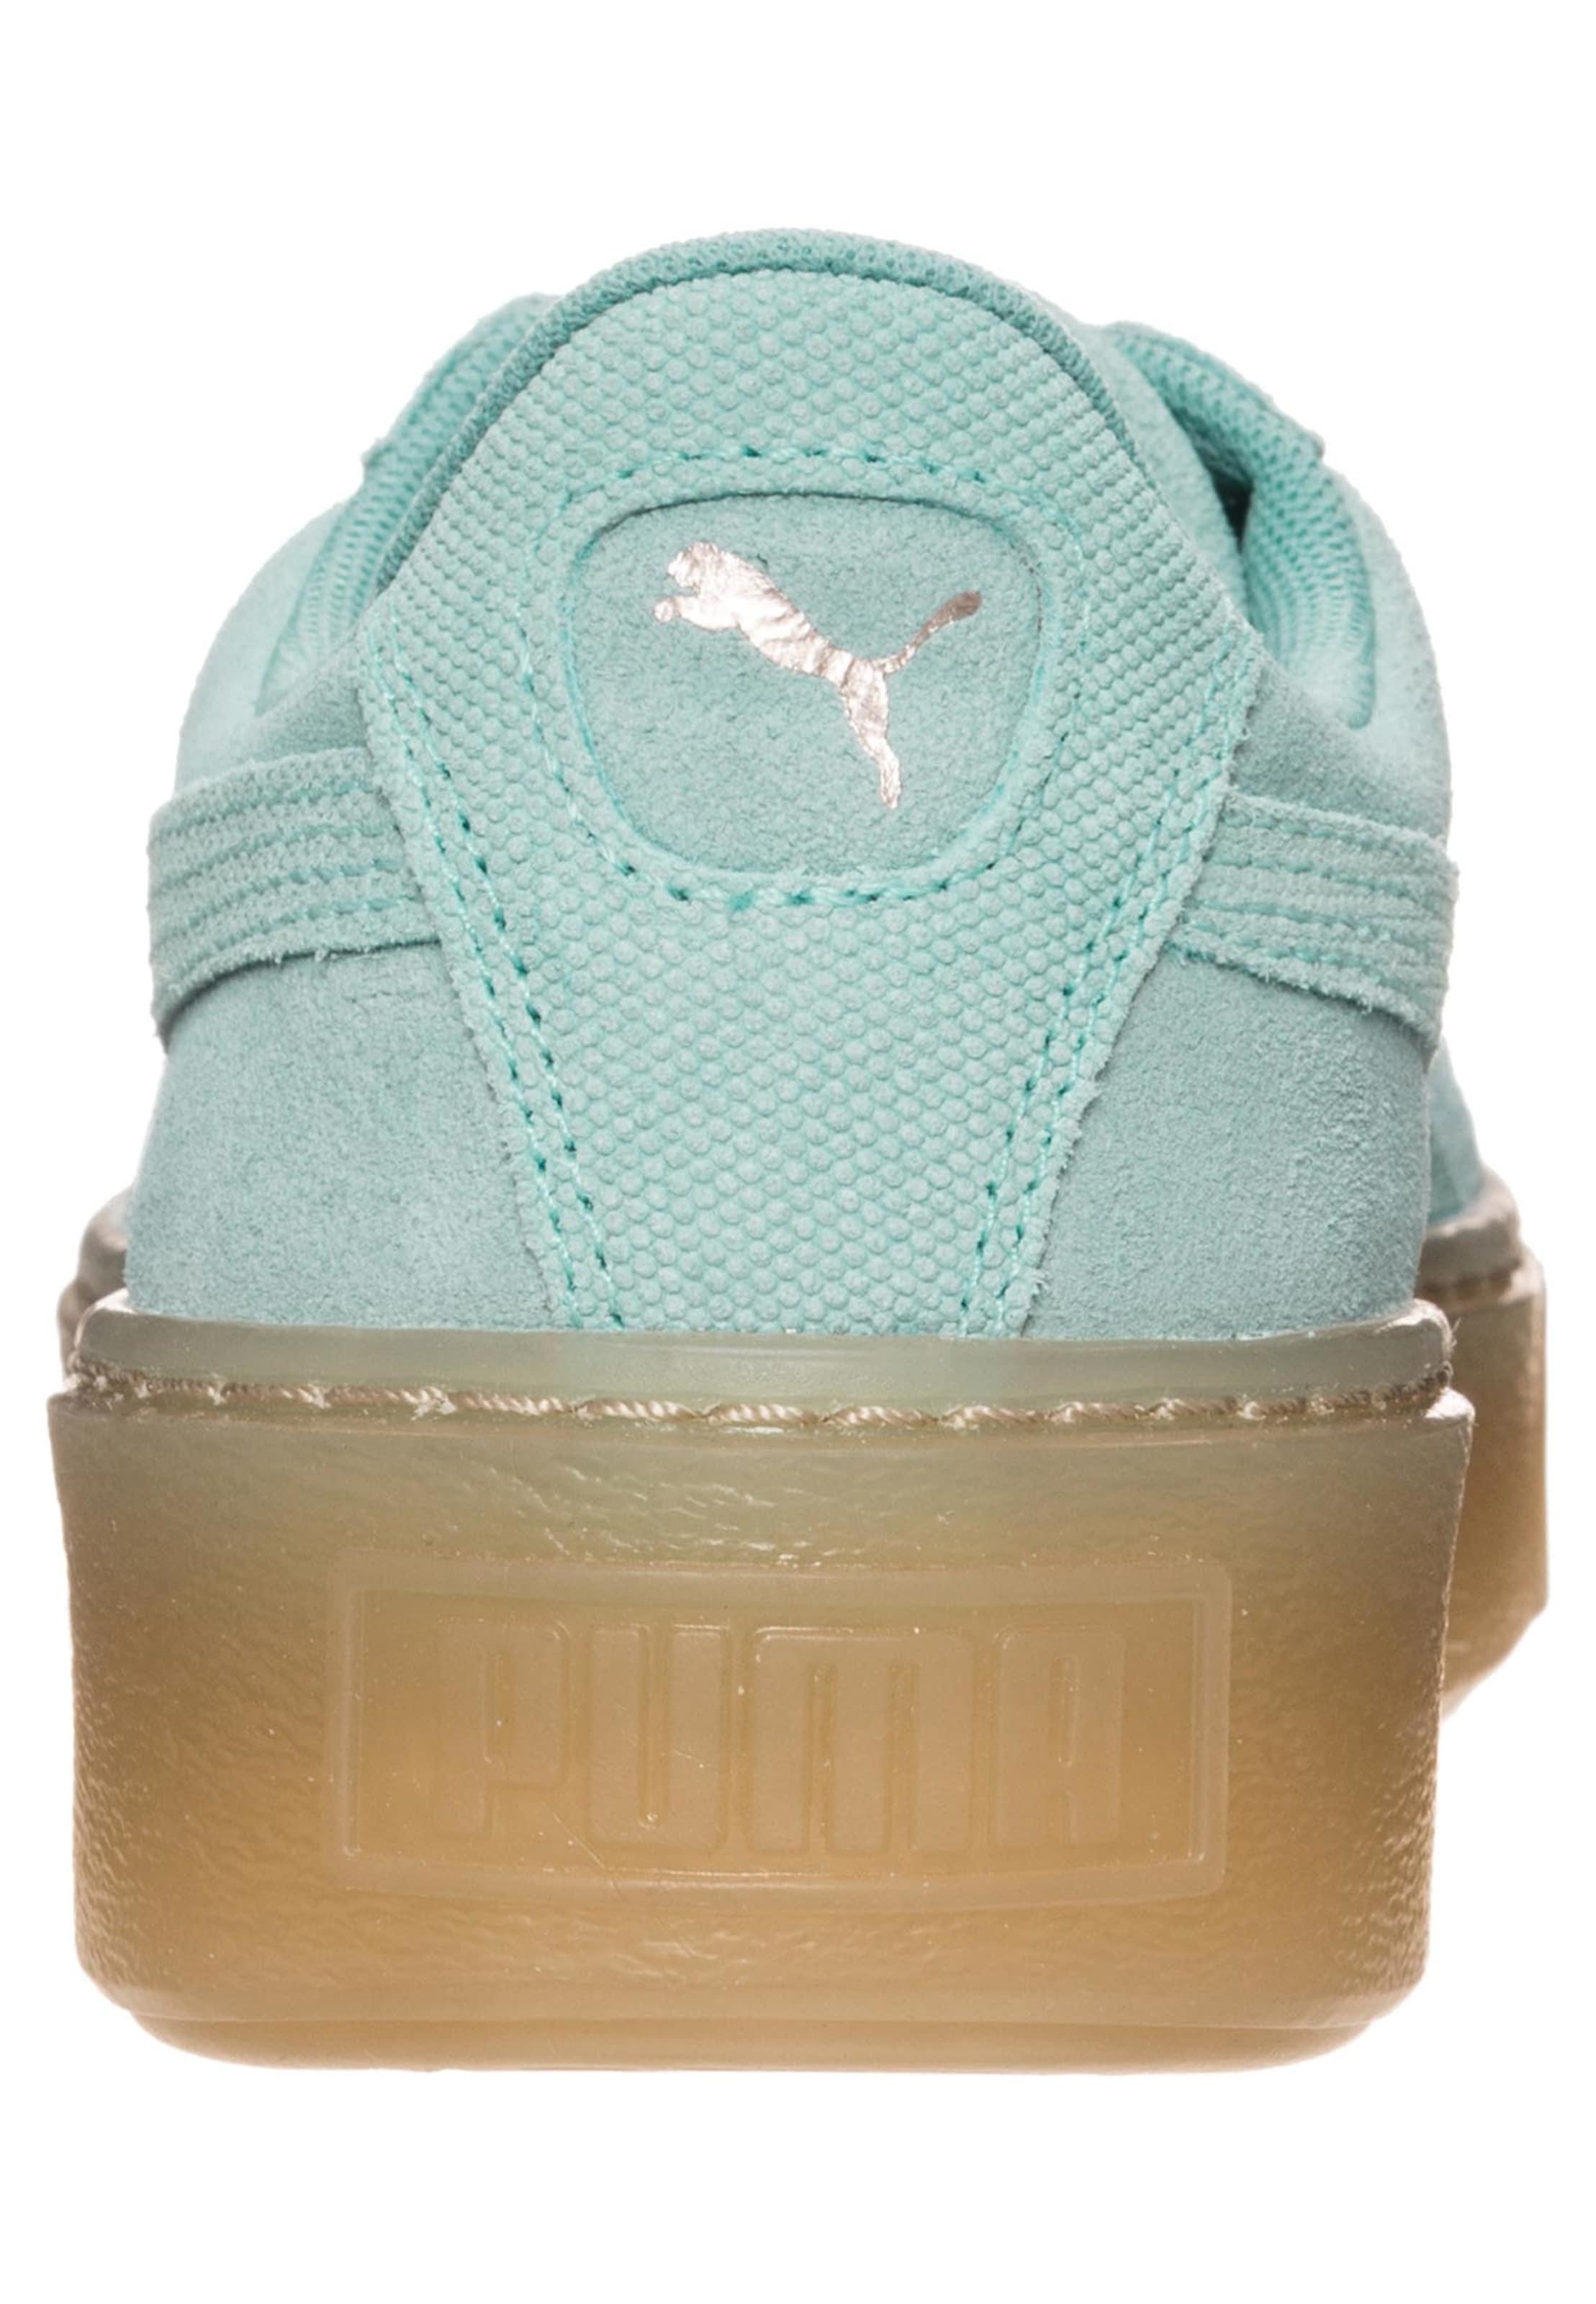 PUMA 'Suede Platform Pebble' Sneaker Damen Viele Arten Von Zum Verkauf 2018 Unisex Online Rabatt Exklusiv Footaction Online-Verkauf Freies Verschiffen In Deutschland gZhPx6iWRi